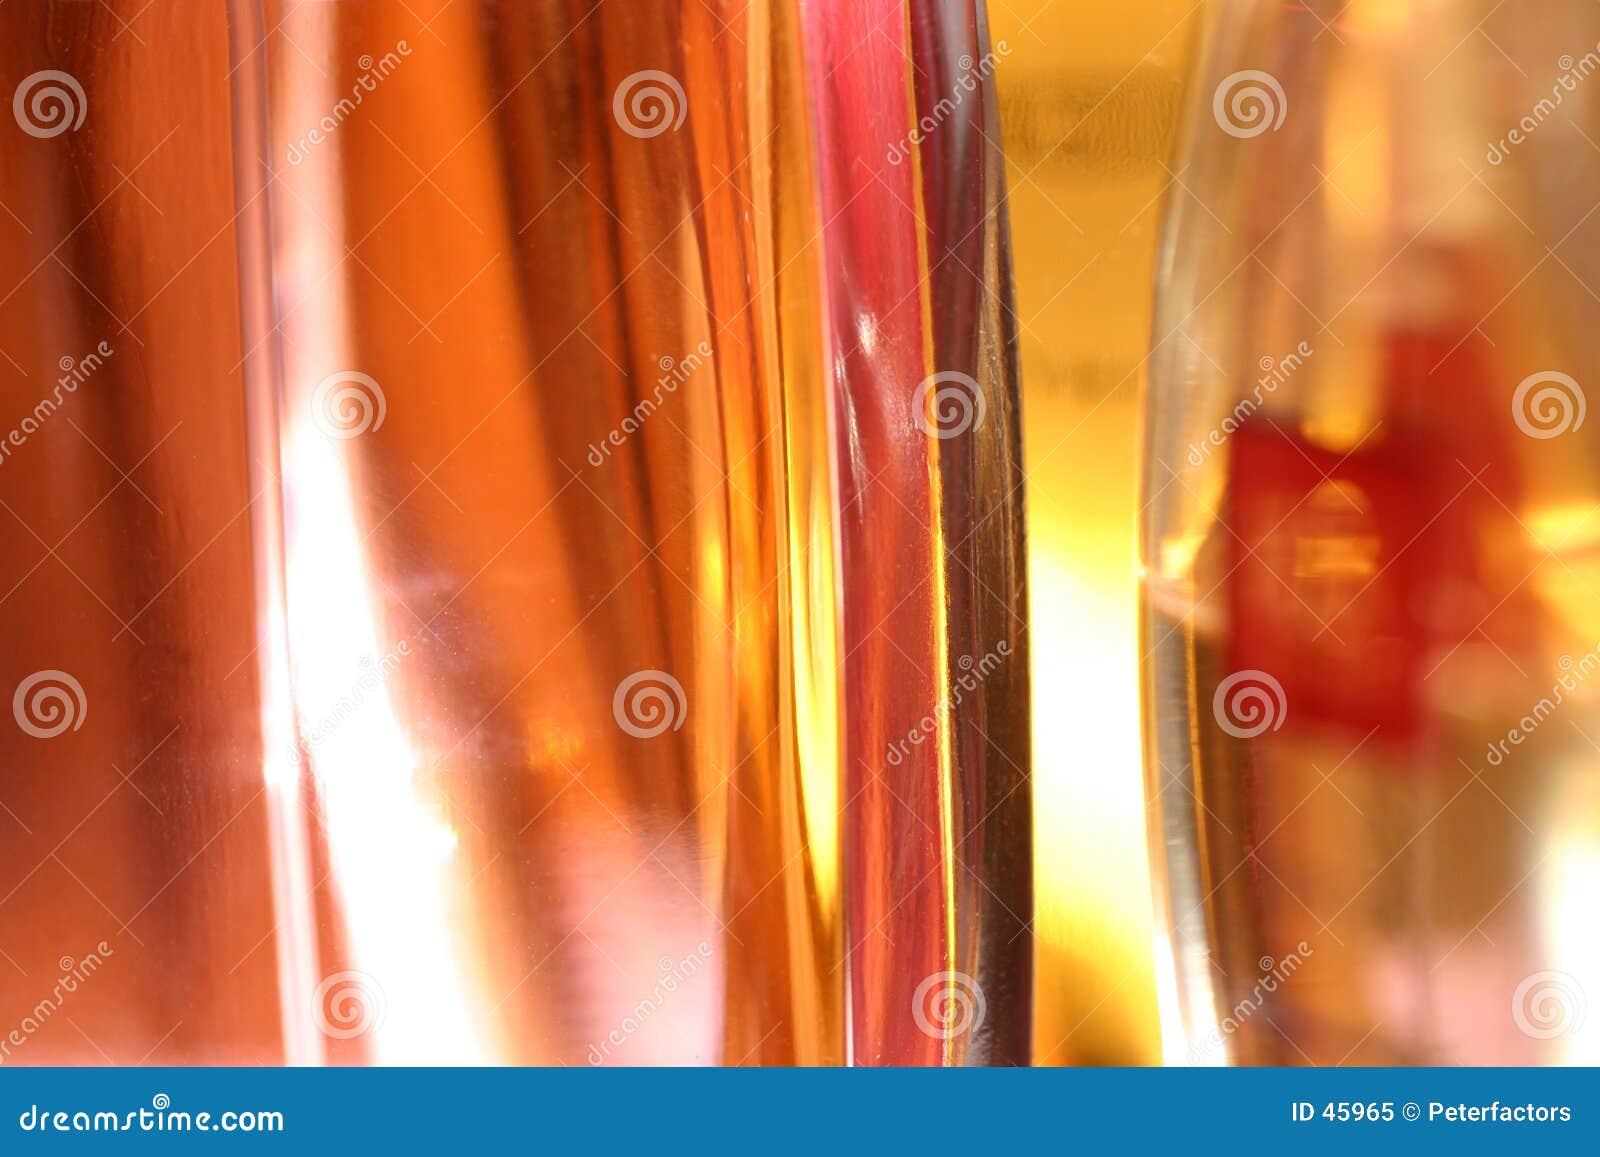 Duftstoffflaschen